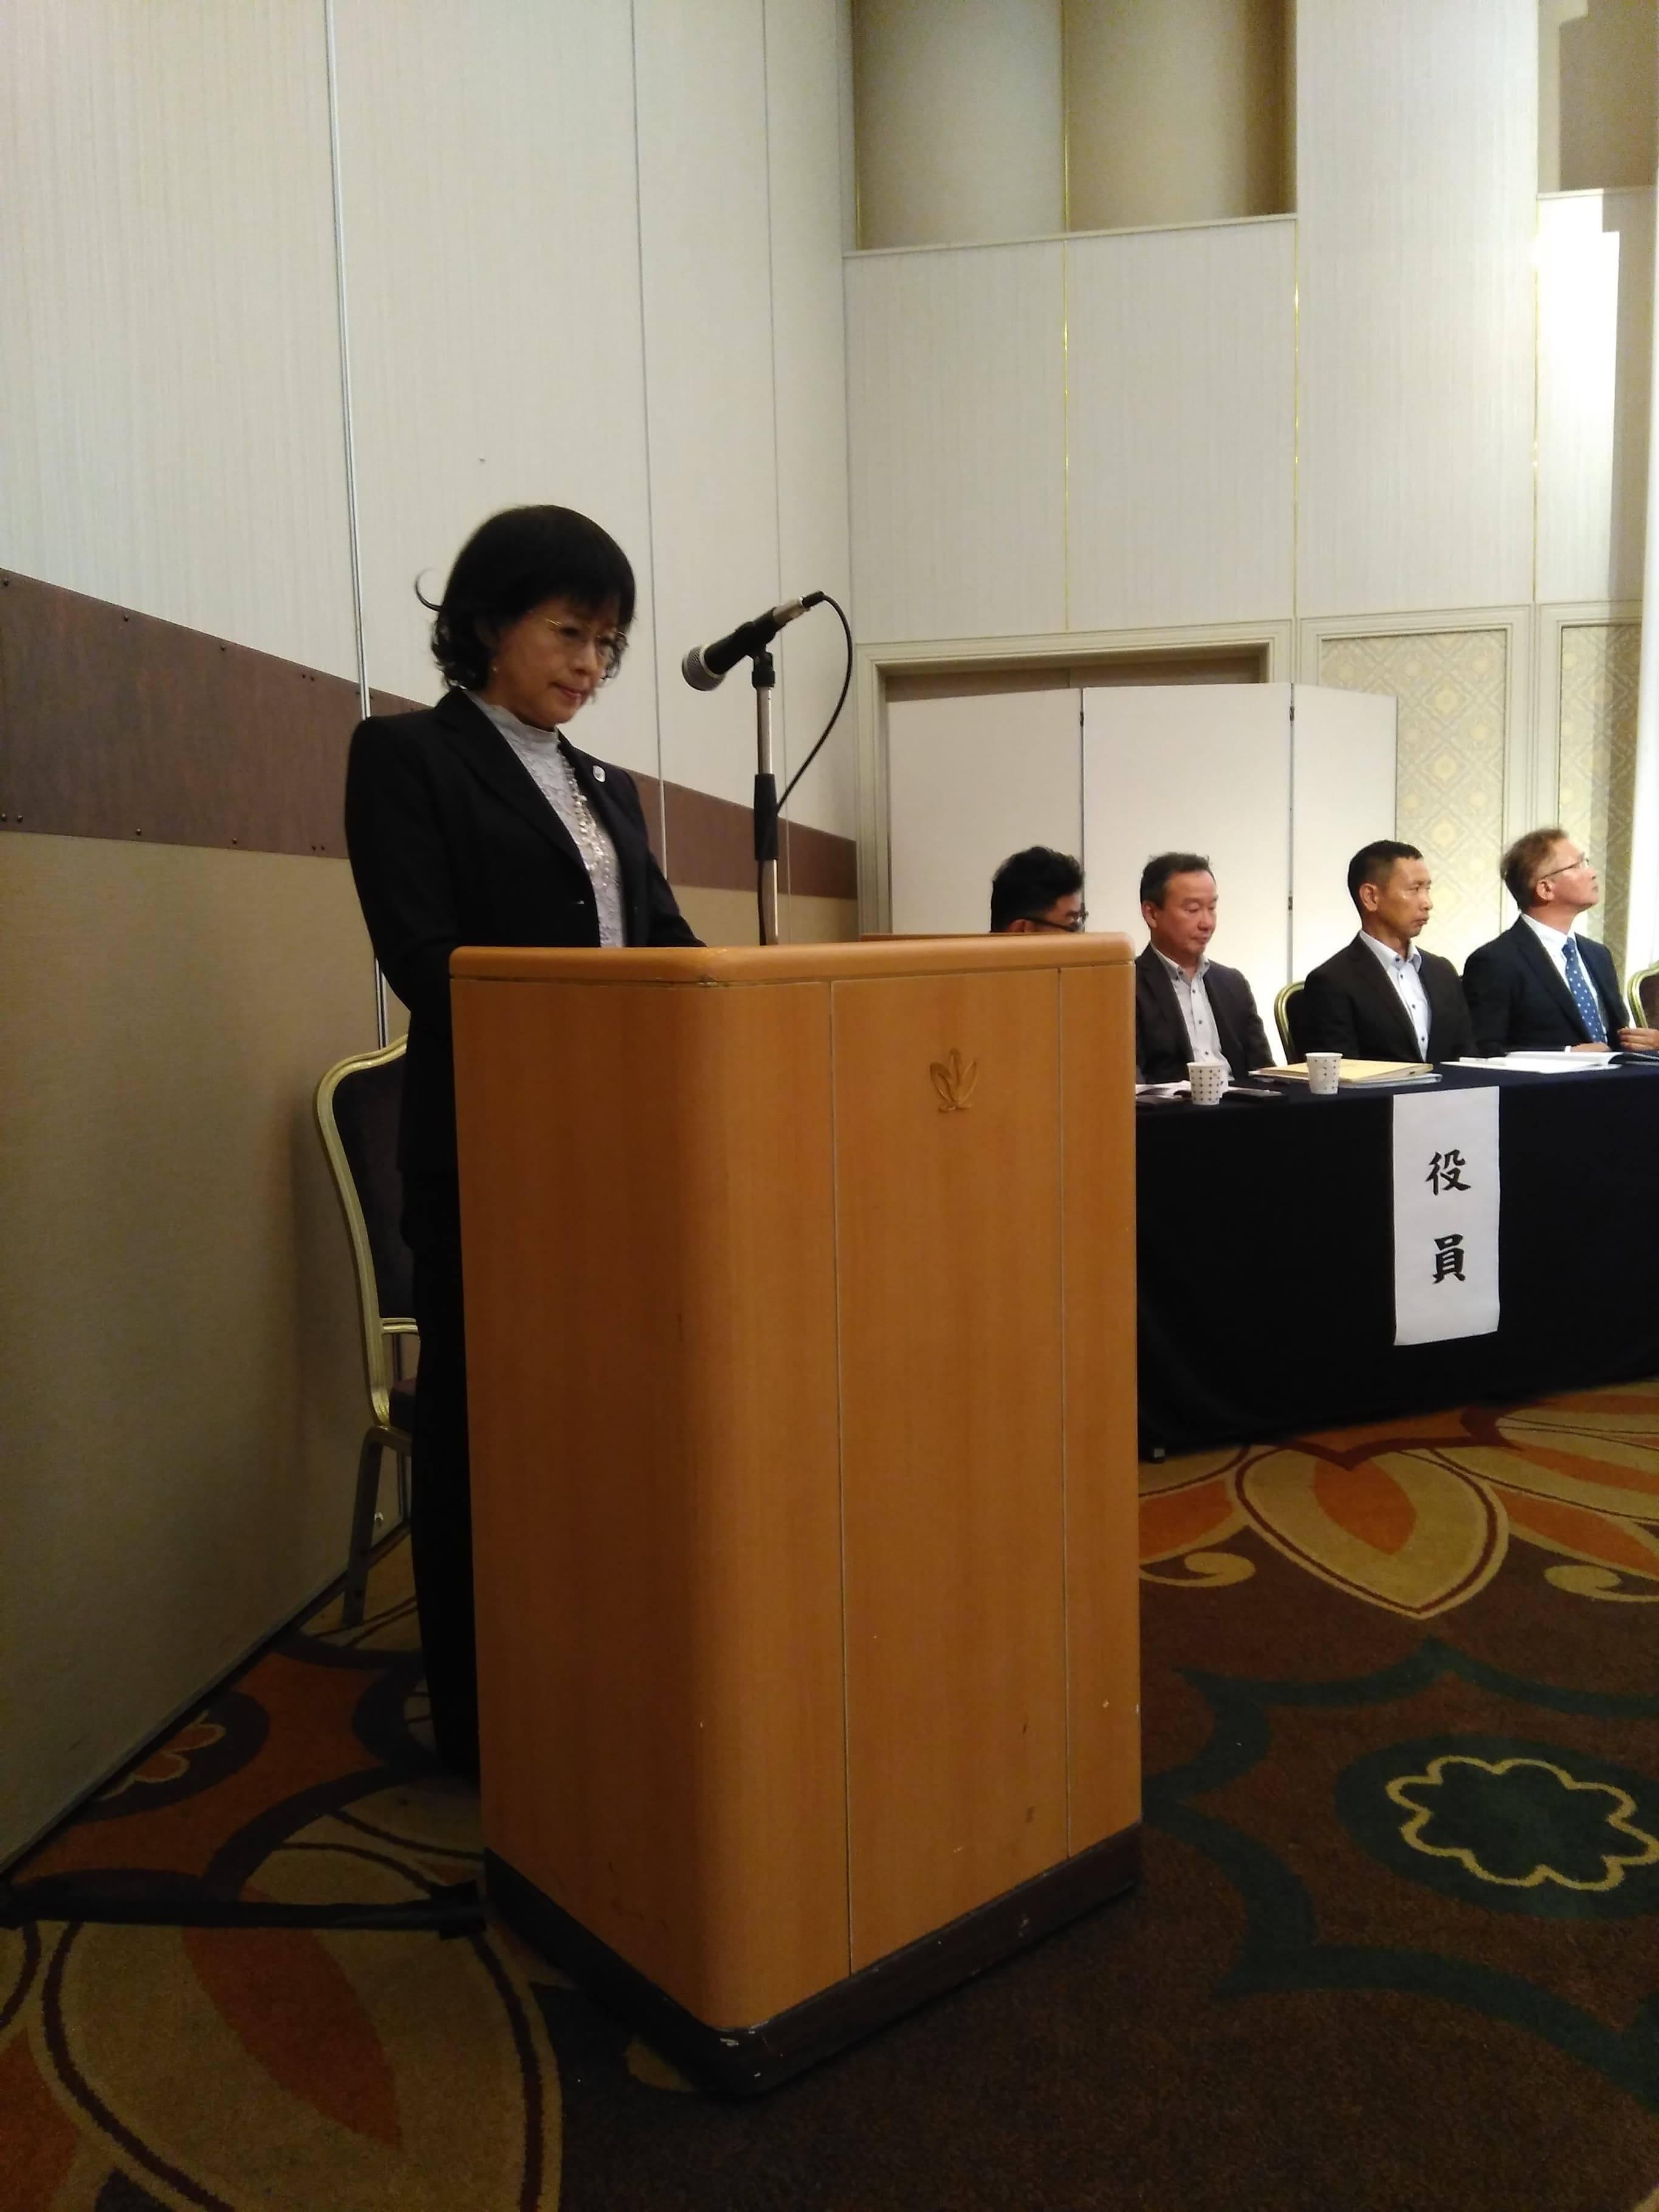 「(一社)REC宮崎」の令和元年度定期総会が7月18日に開催されました。(司会担当)